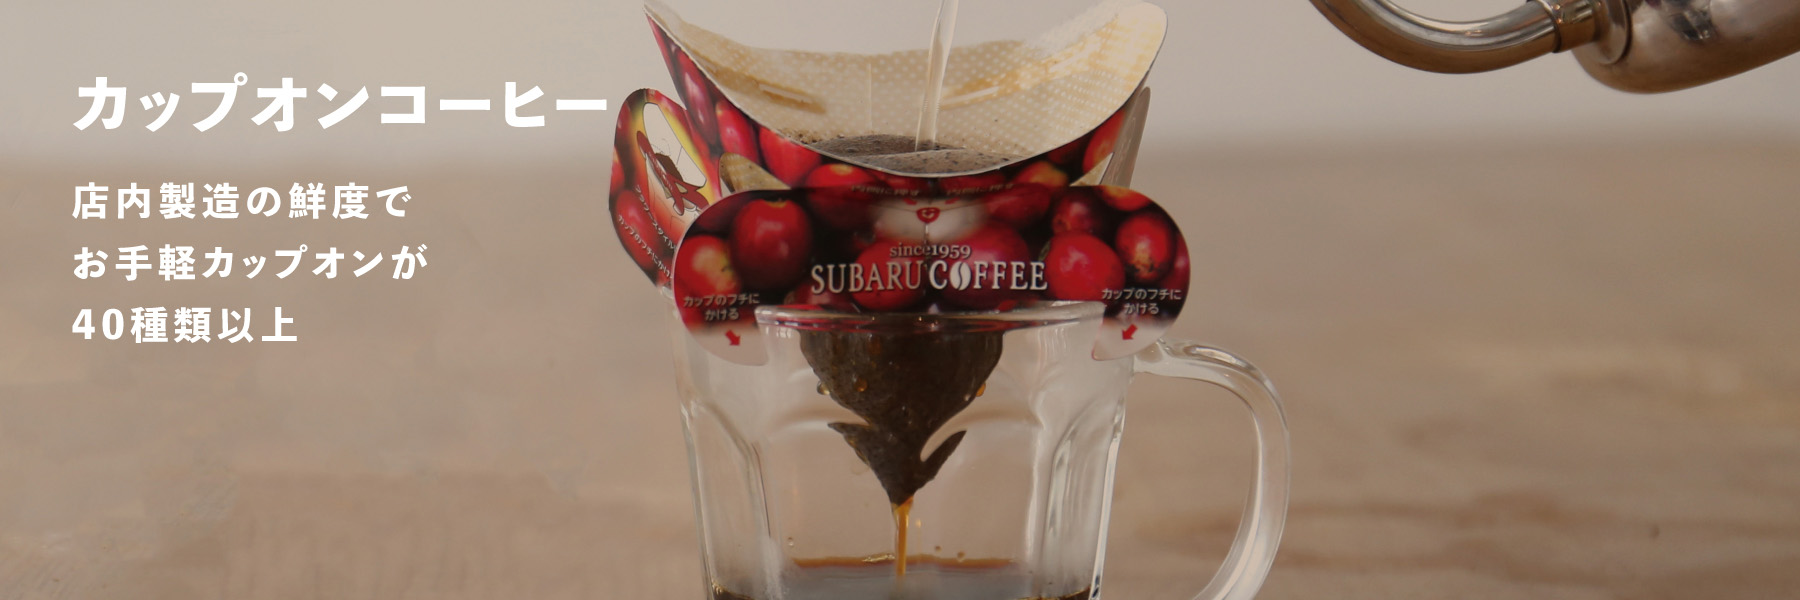 カップオンコーヒー 店内製造の鮮度でお手軽カップオンが40種類以上